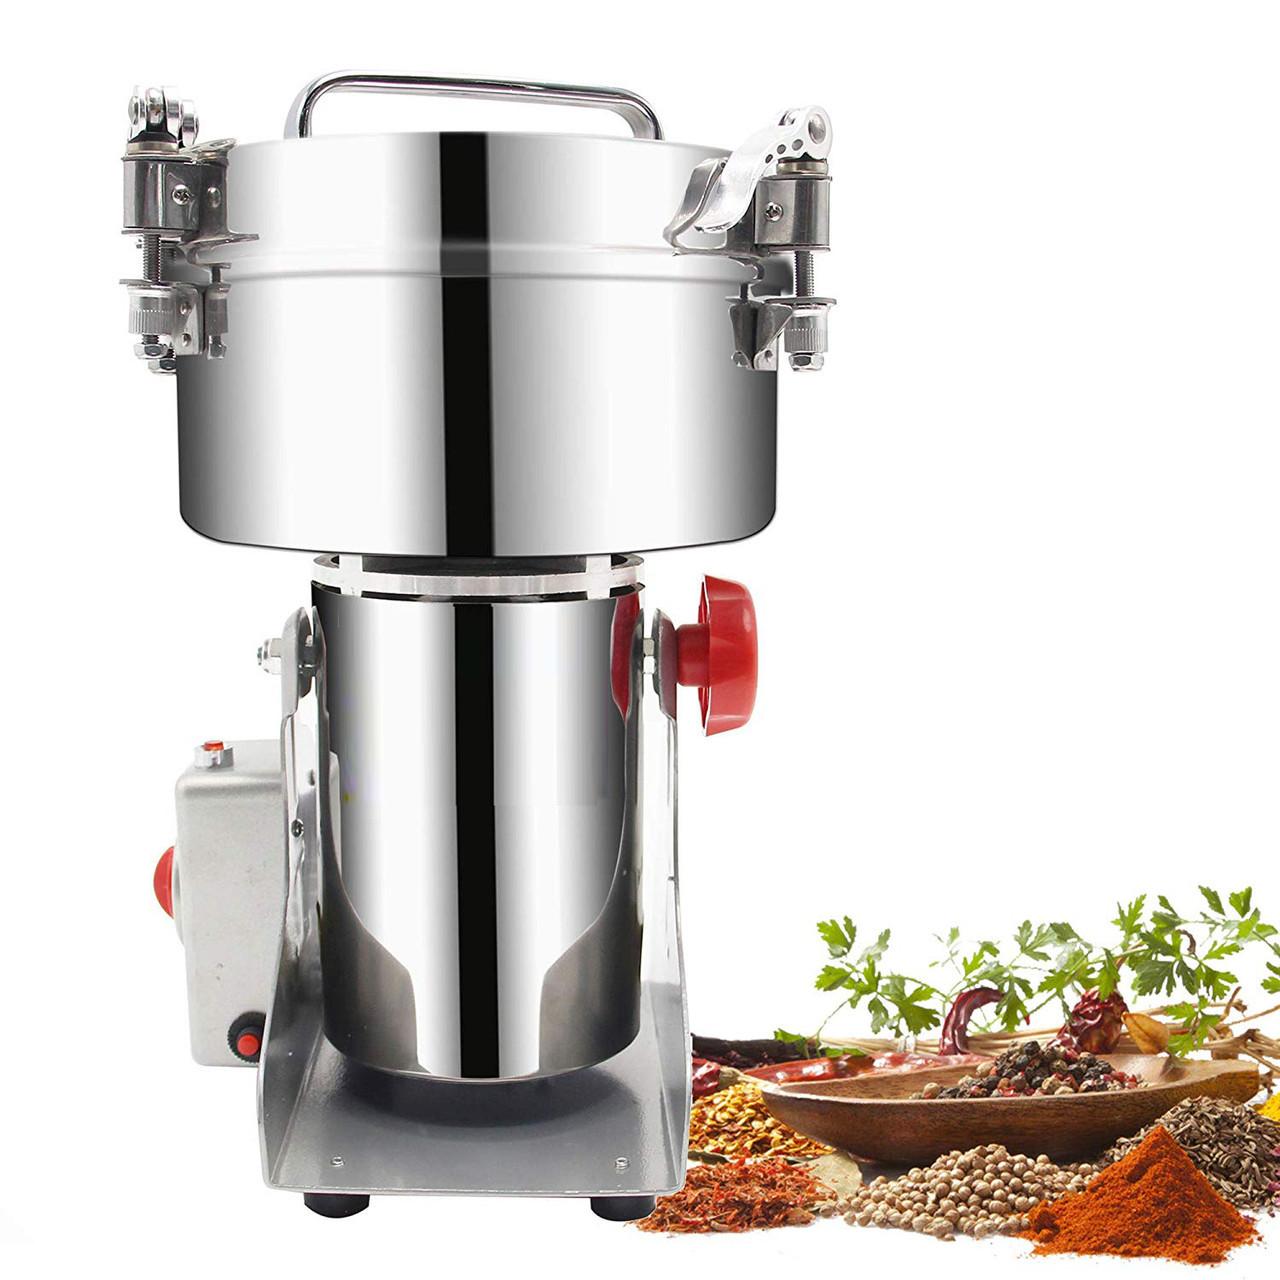 Мельница для кофе Vilitek VLM-20 1000 г 2600 мл